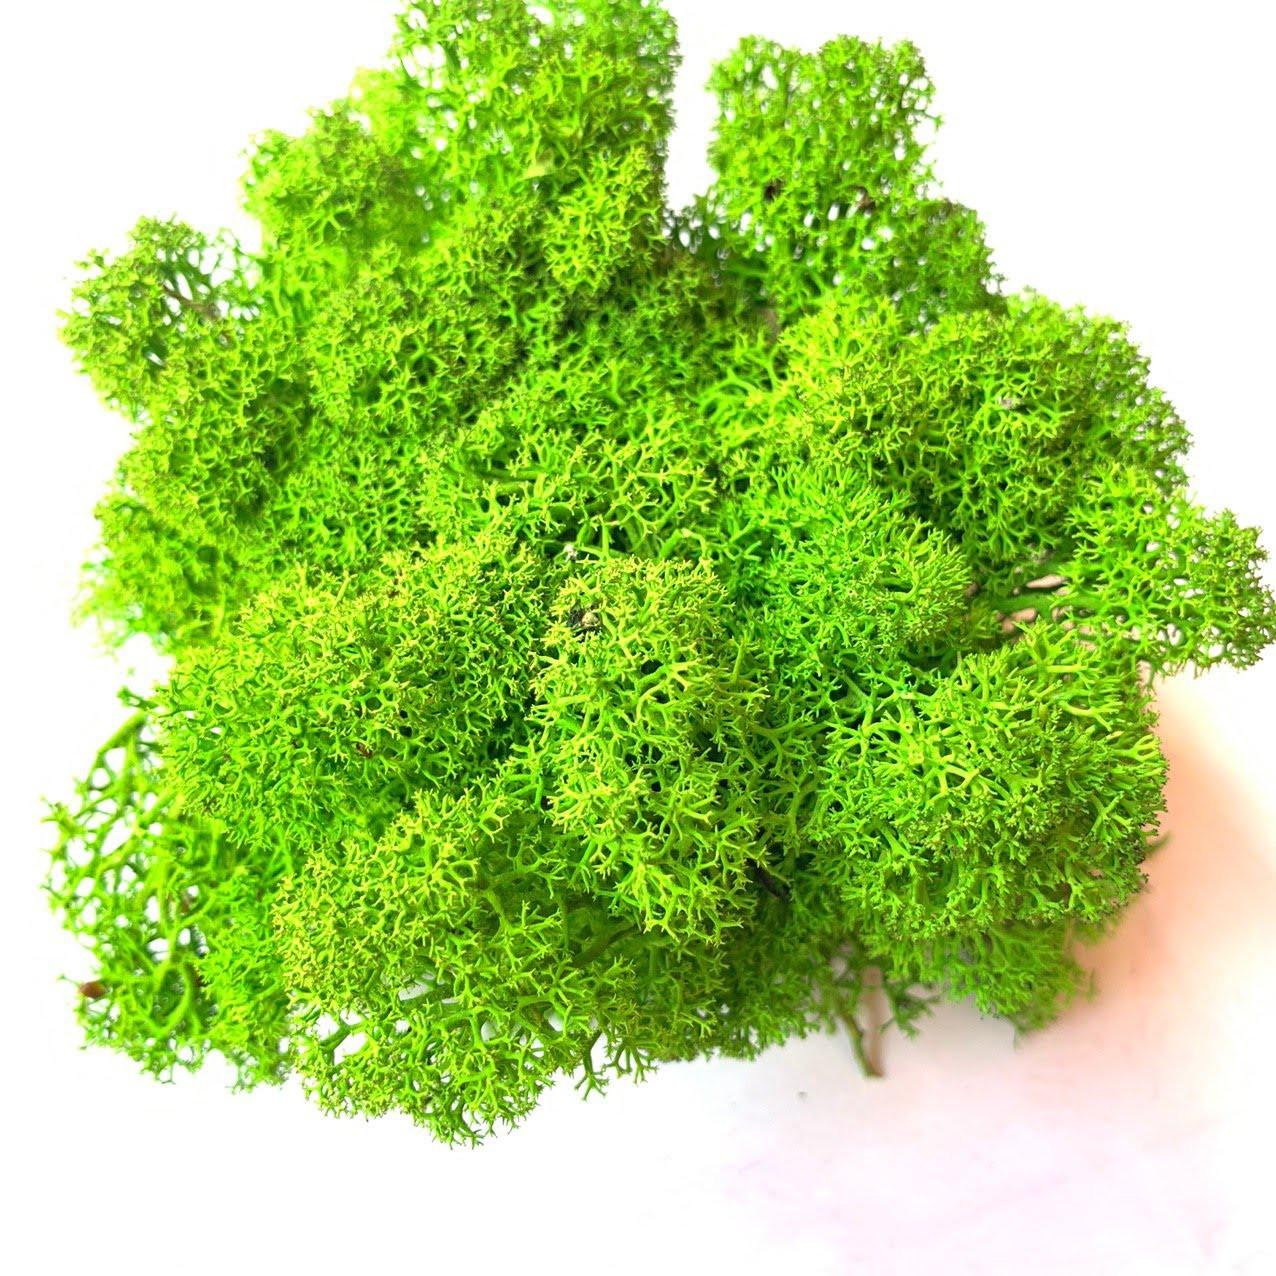 Очищений стабилизированный мох  Green Ecco Moss cкандинавский мох ягель Apple Green 0.5 кг